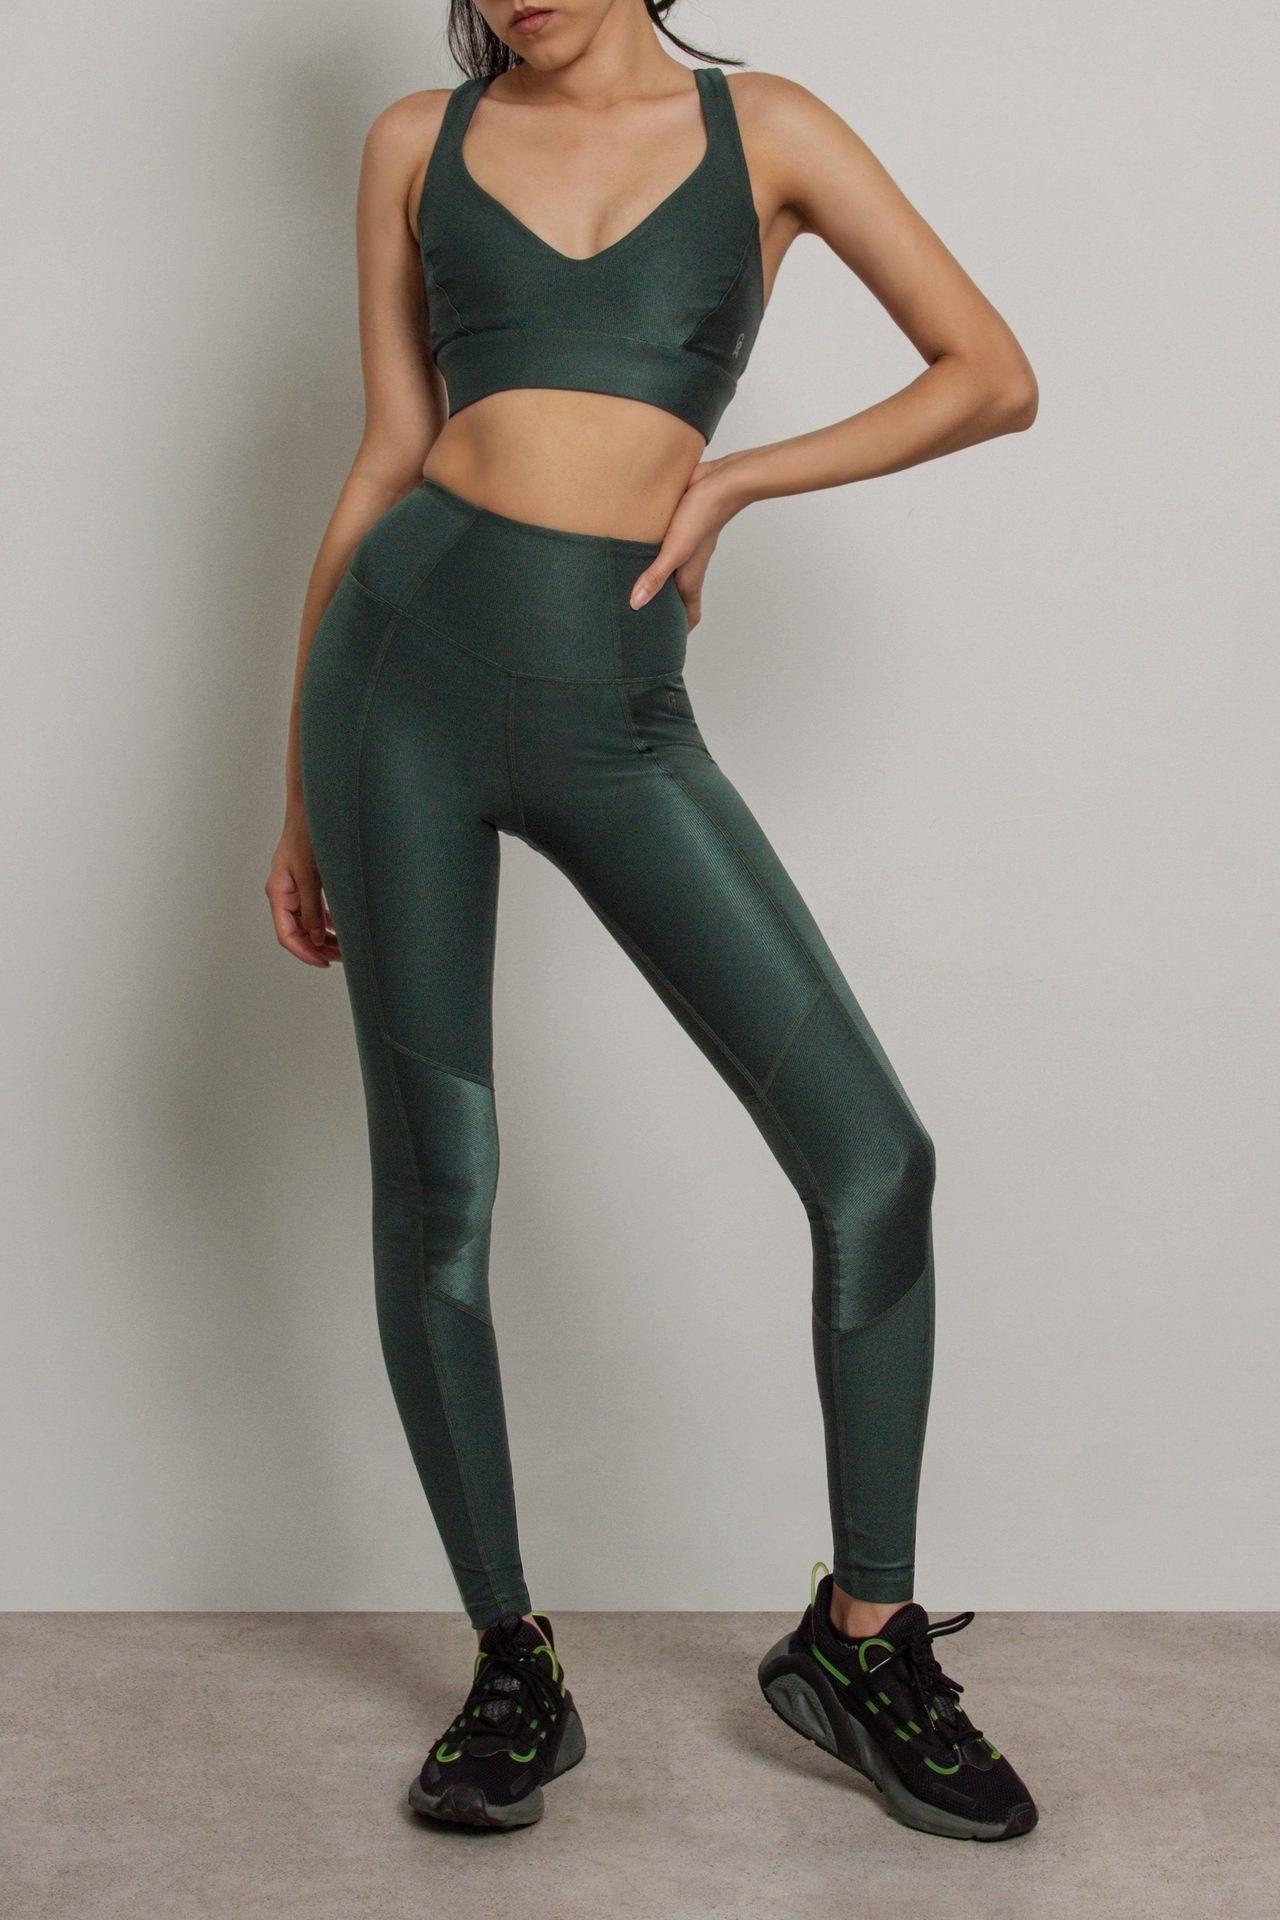 Model wearing the full-length leggings in green